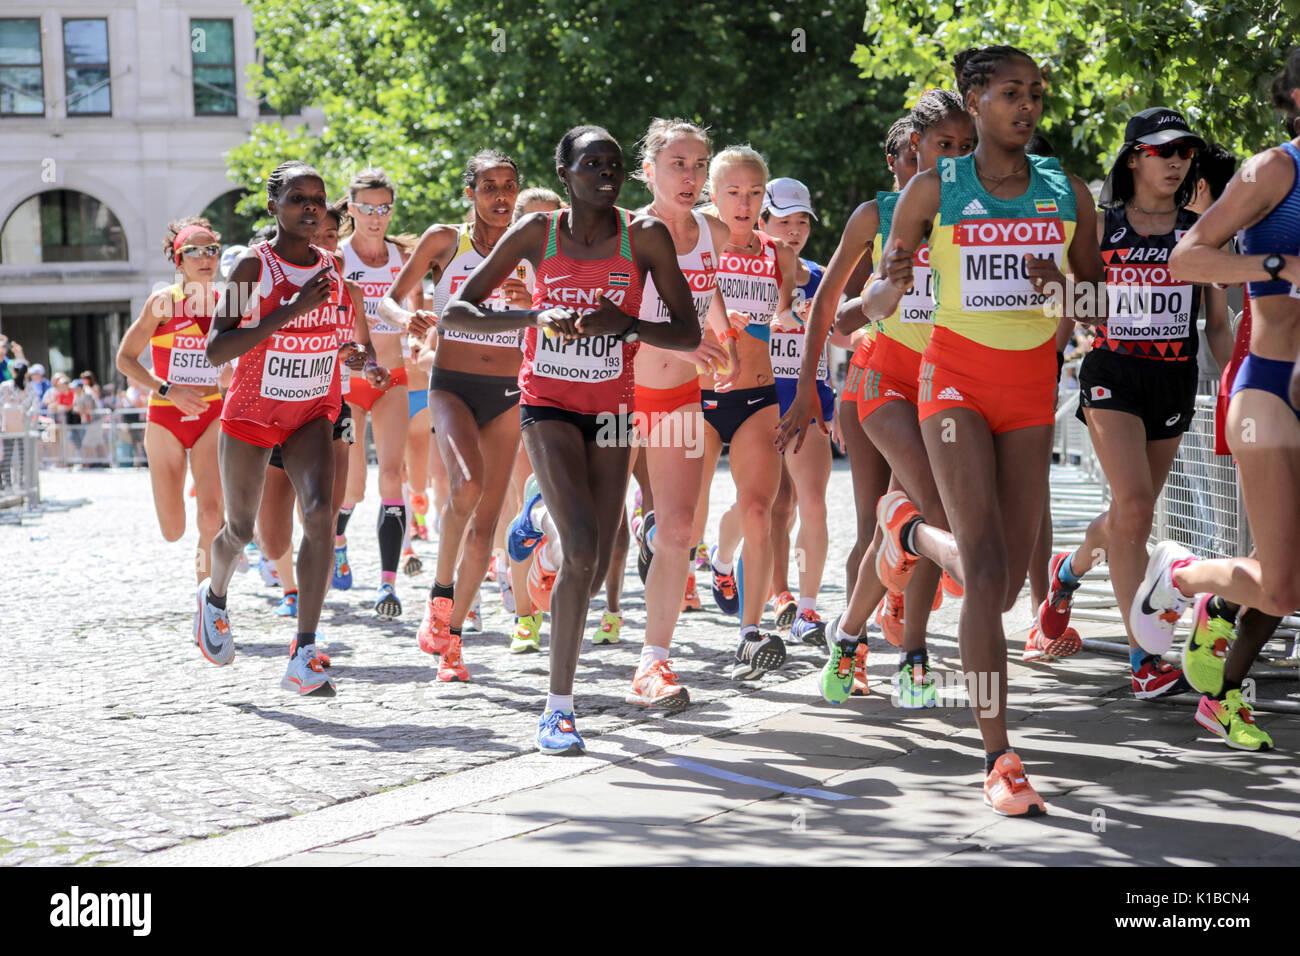 2017/8/6 London: Äthiopische Athleten ASELEFECH MERGIA führt eine Gruppe von Athleten in der IAAF WM-Marathon Stockbild